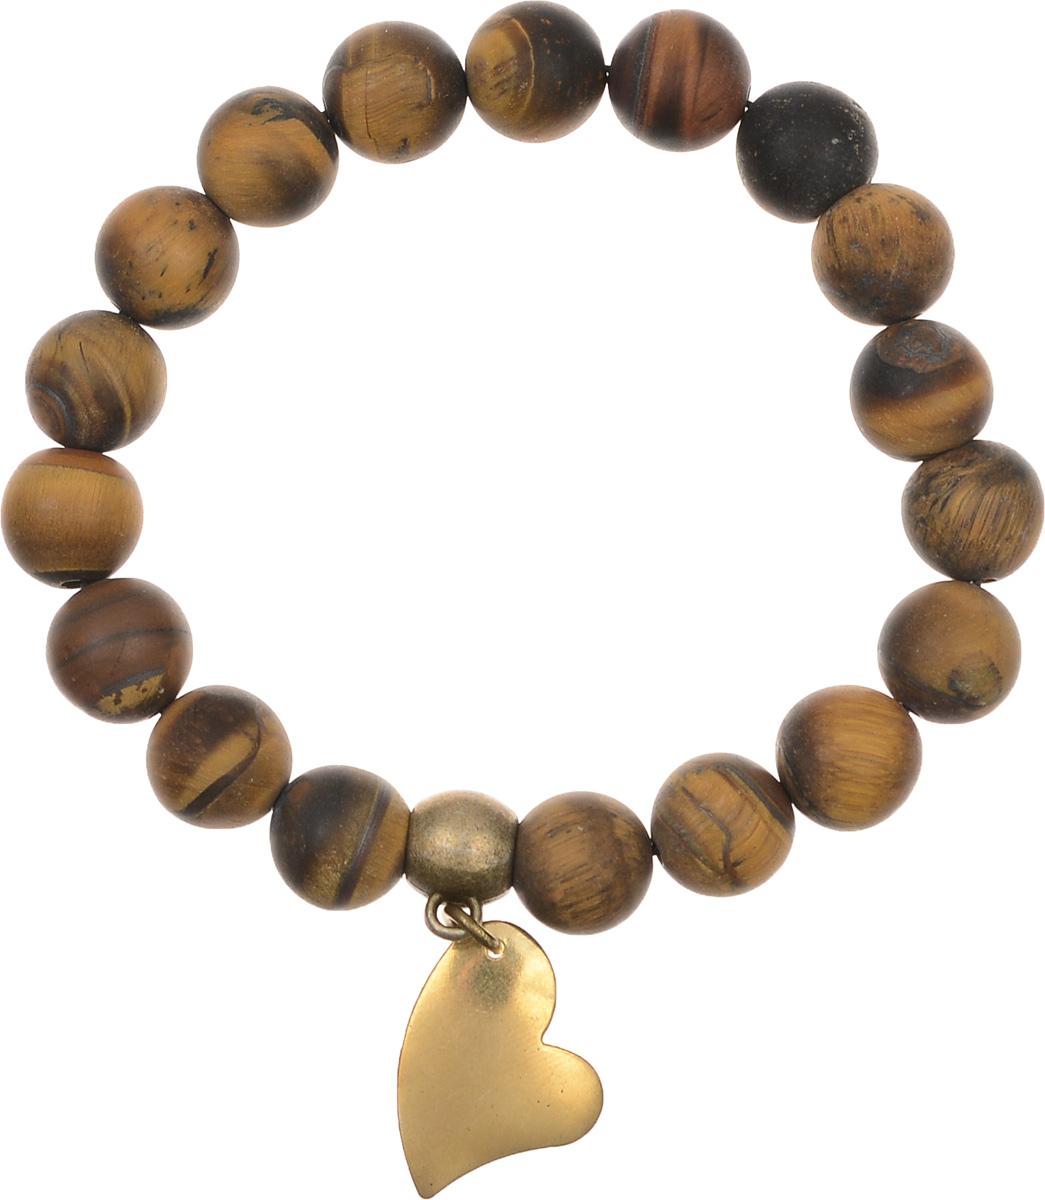 Браслет Polina Selezneva, цвет: коричневый, золотой. 002-2828Браслет с подвескамиЭлегантный браслет Polina Selezneva изготовлен из натурального камня. Оригинальные узоры тигрового глаза прекрасно подчеркивают уникальность минерала, а подвеска в форме сердца выгодно дополняет браслет.Благодаря эластичной основе браслет идеально разместится на запястье.Стильный браслет Polina Selezneva поможет дополнить любой образ и привнести в него завершающий яркий штрих.